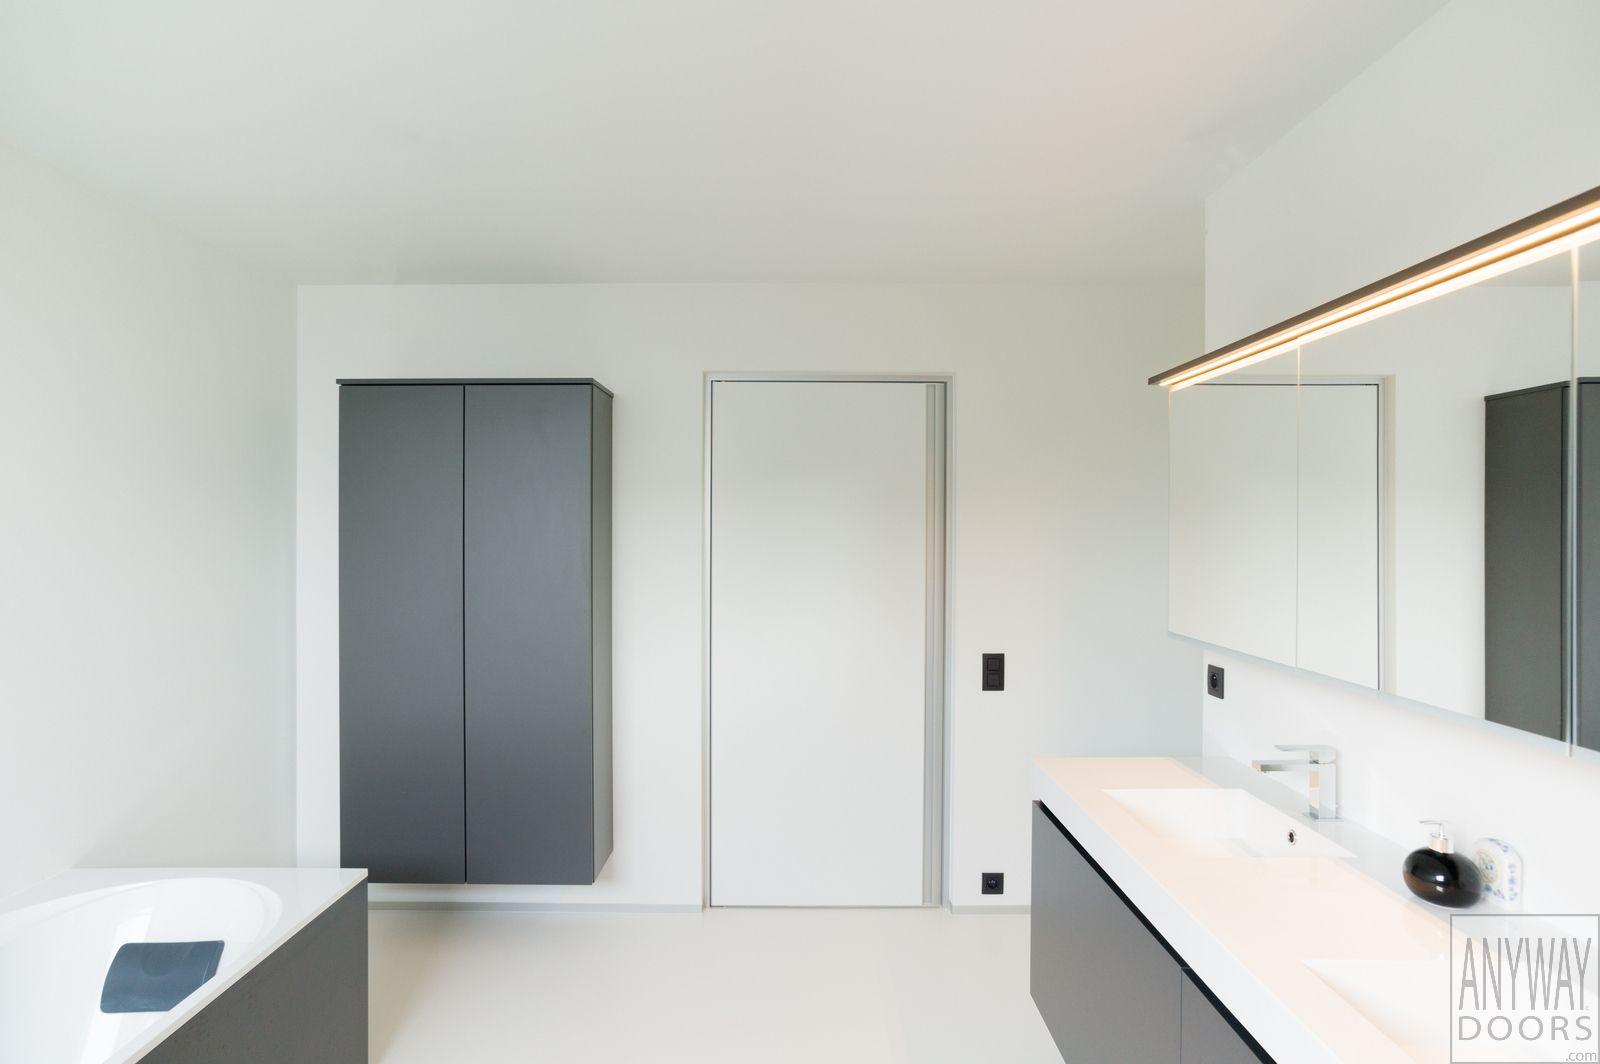 Design blokdeuren van Anyway, een volledig op maat gemaakt en afgewerkt deurproduct. Elke deur beschikt over een aantal unieke basiskenmerken zoals: 90°/180°openend, onzichtbare scharnieren, verdoken ventilatie, verwisselbare scharnierzijde,... Elke deur is volledig afgewerkt, op maat gemaakt en wordt vakkundig gemeten en geplaatst.